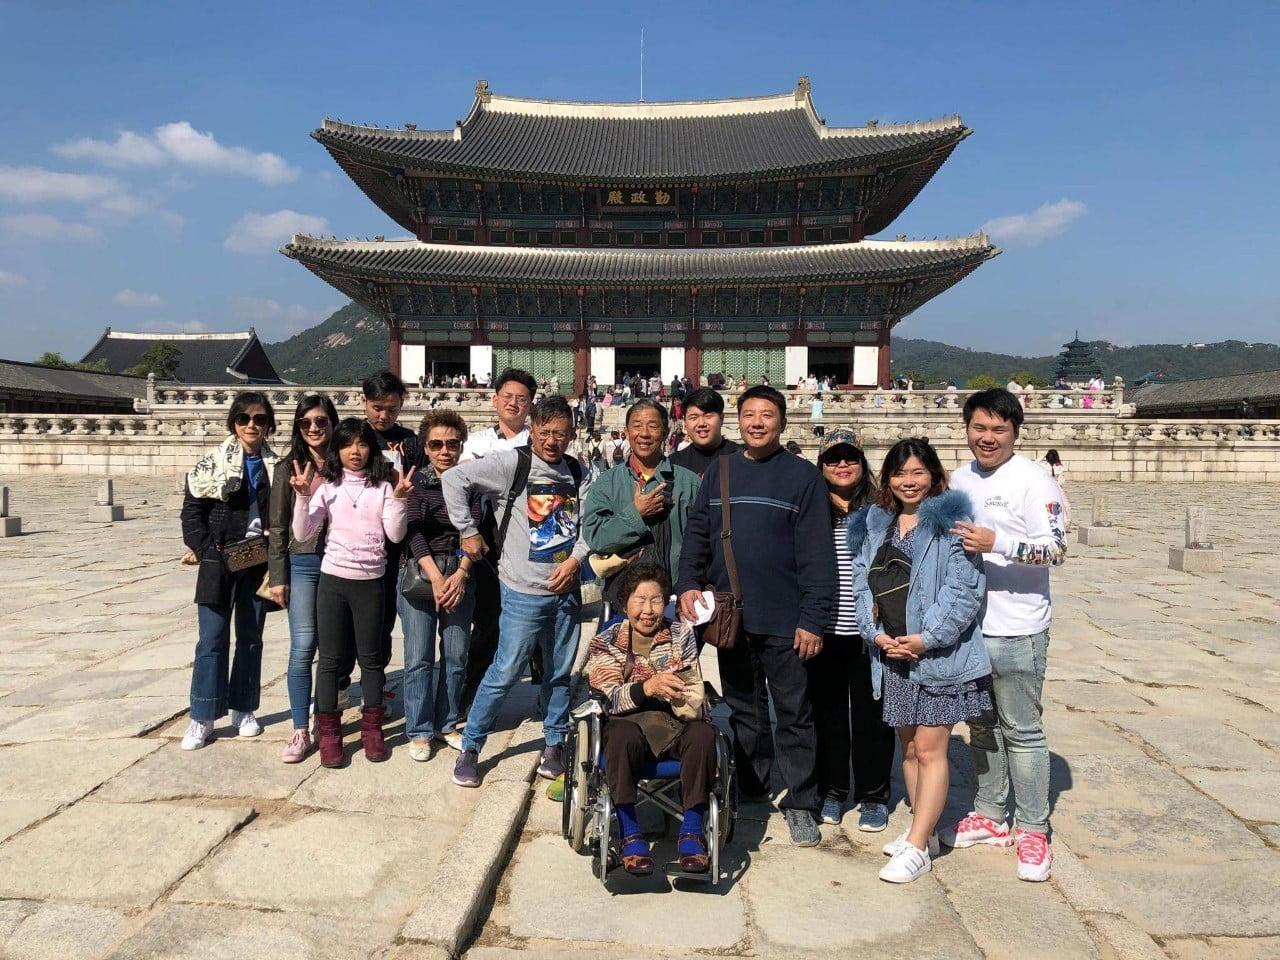 0เกาหลี คุณพรทิพย์ พาจู 10-15 ต.ค. 2562 (7)